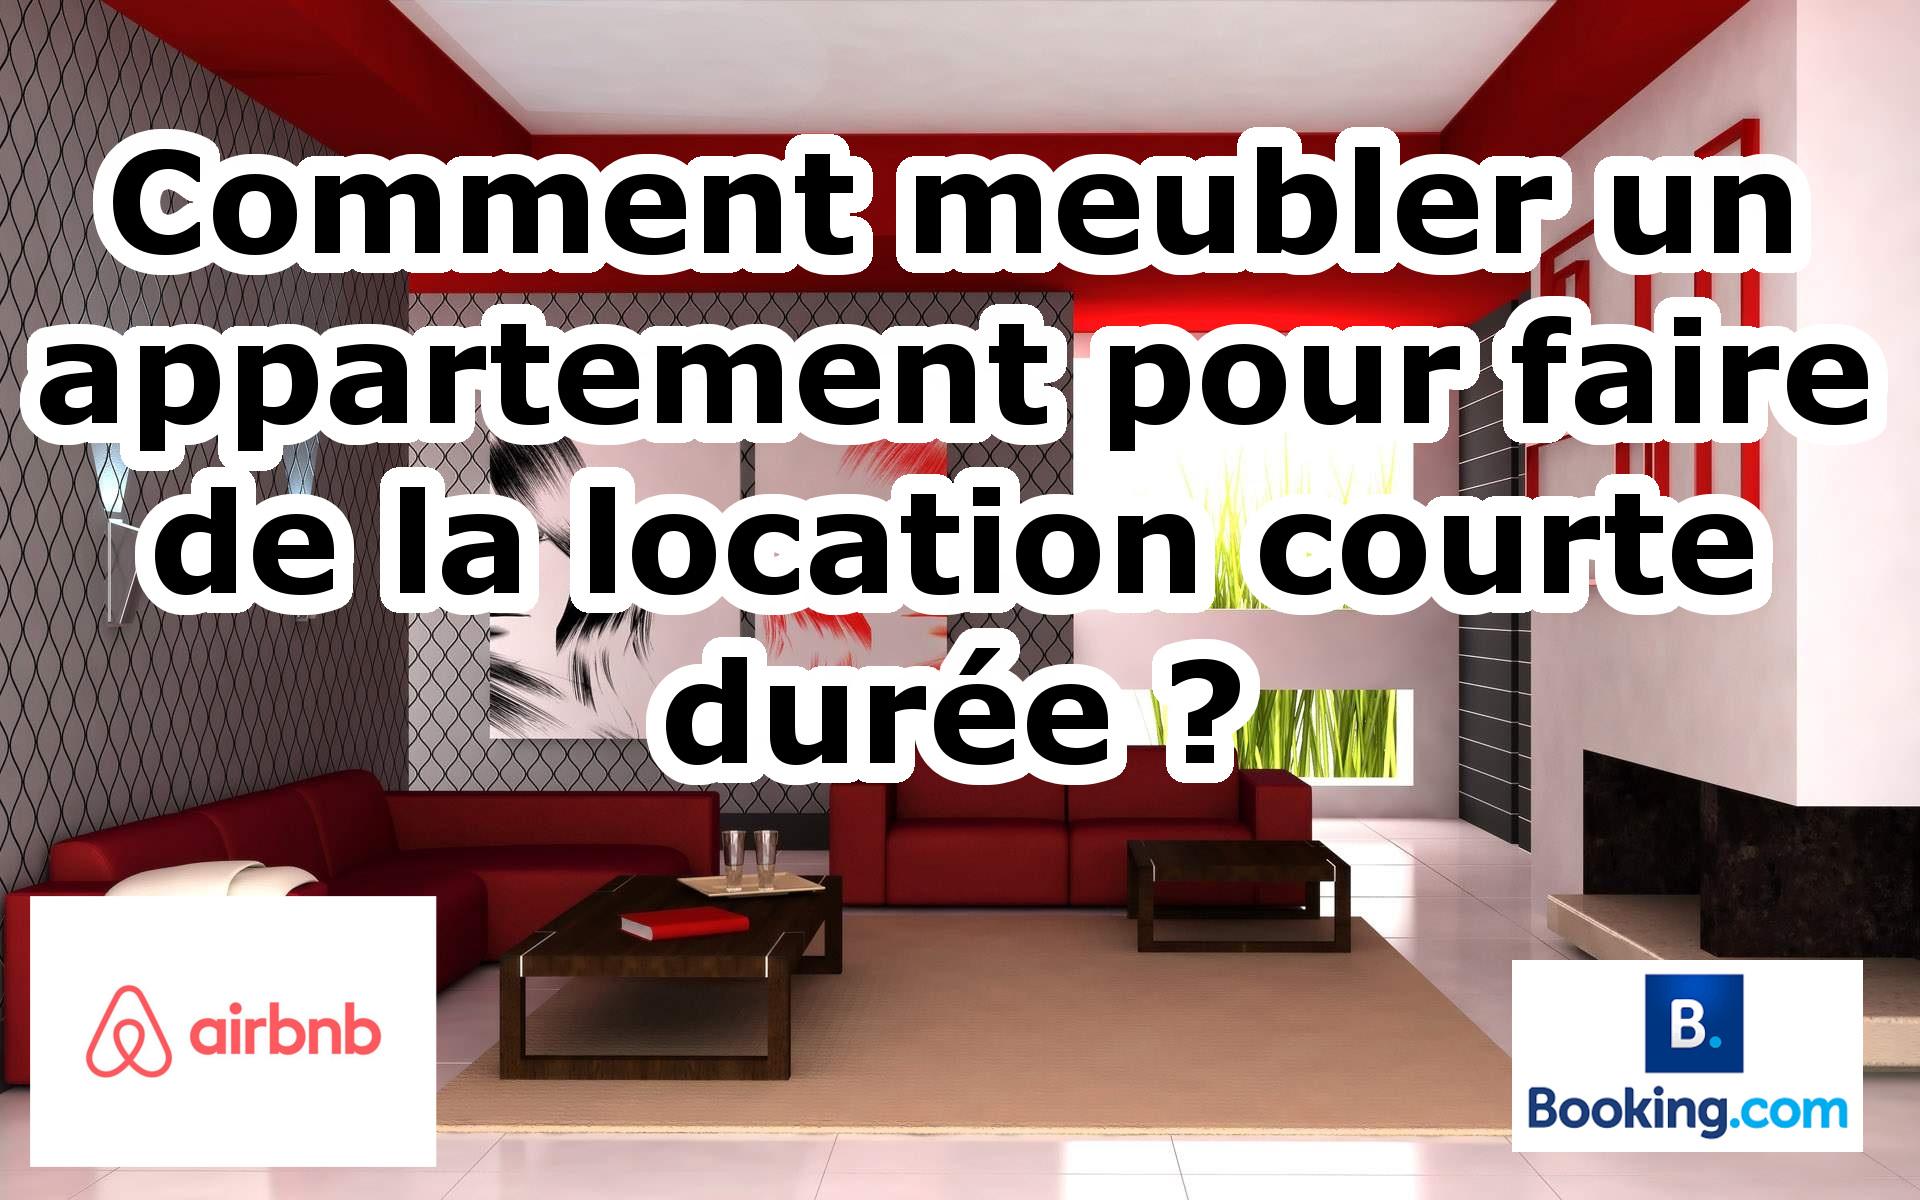 Comment meubler un appartement pour faire de la location courte durée ?